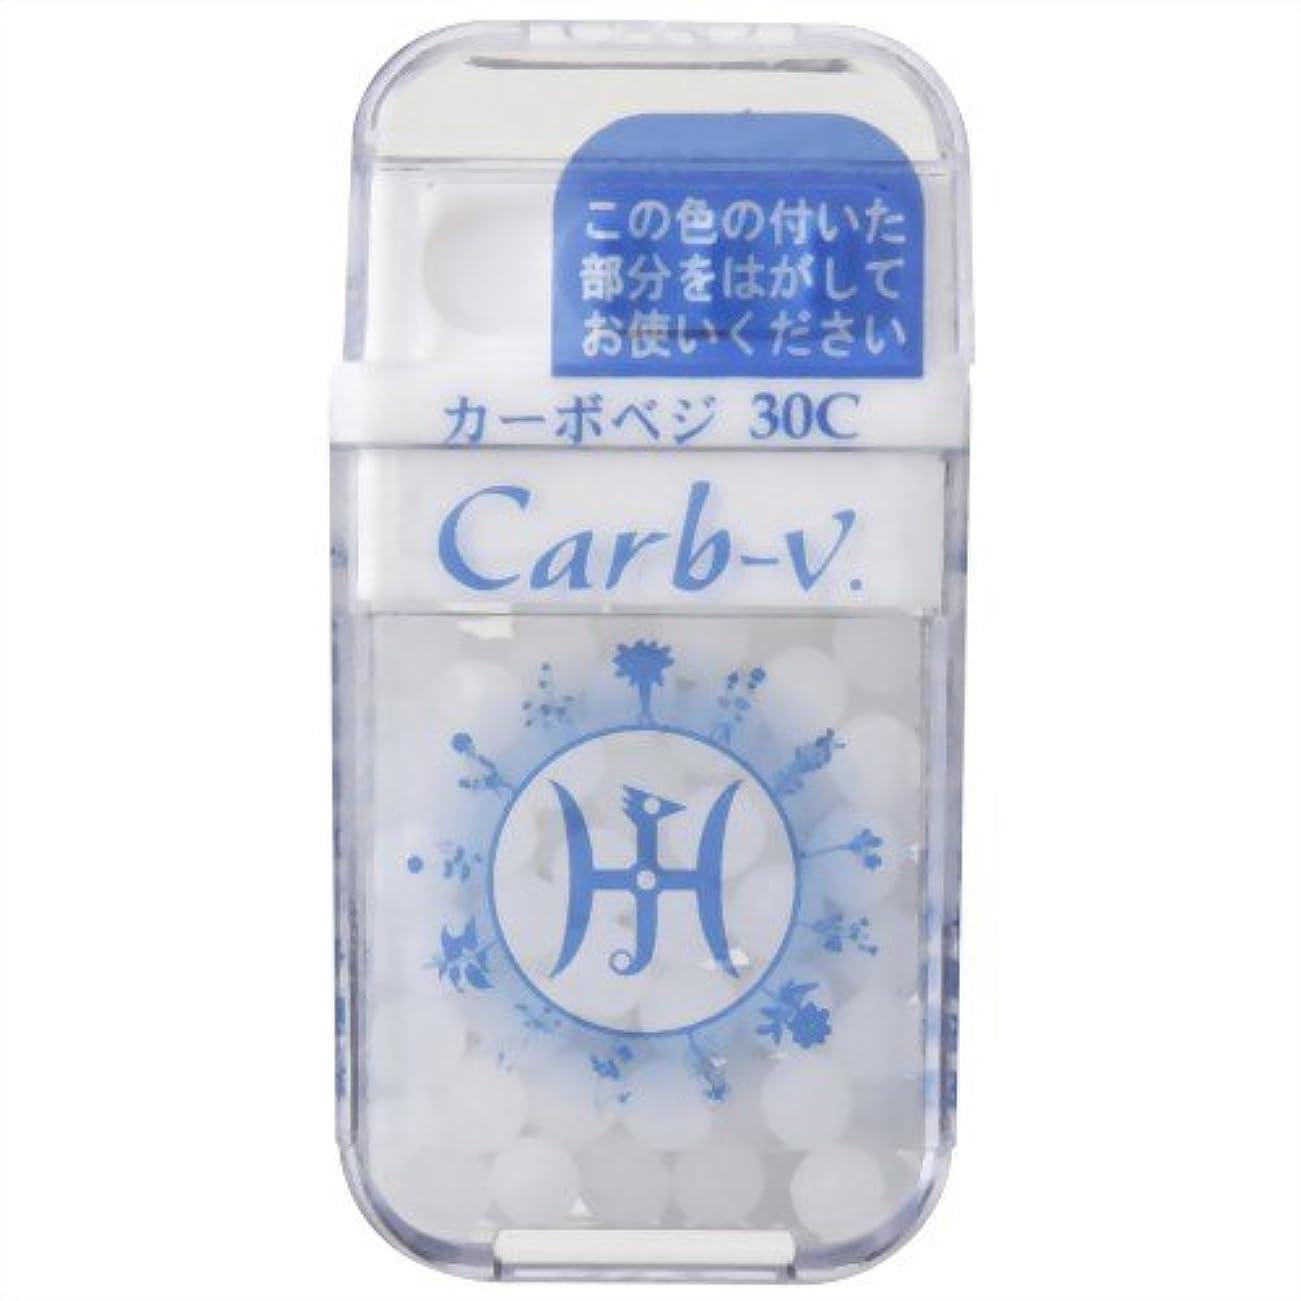 めるスカウトにぎやかホメオパシージャパンレメディー Carb-v.  カーボベジ 30C (大ビン)